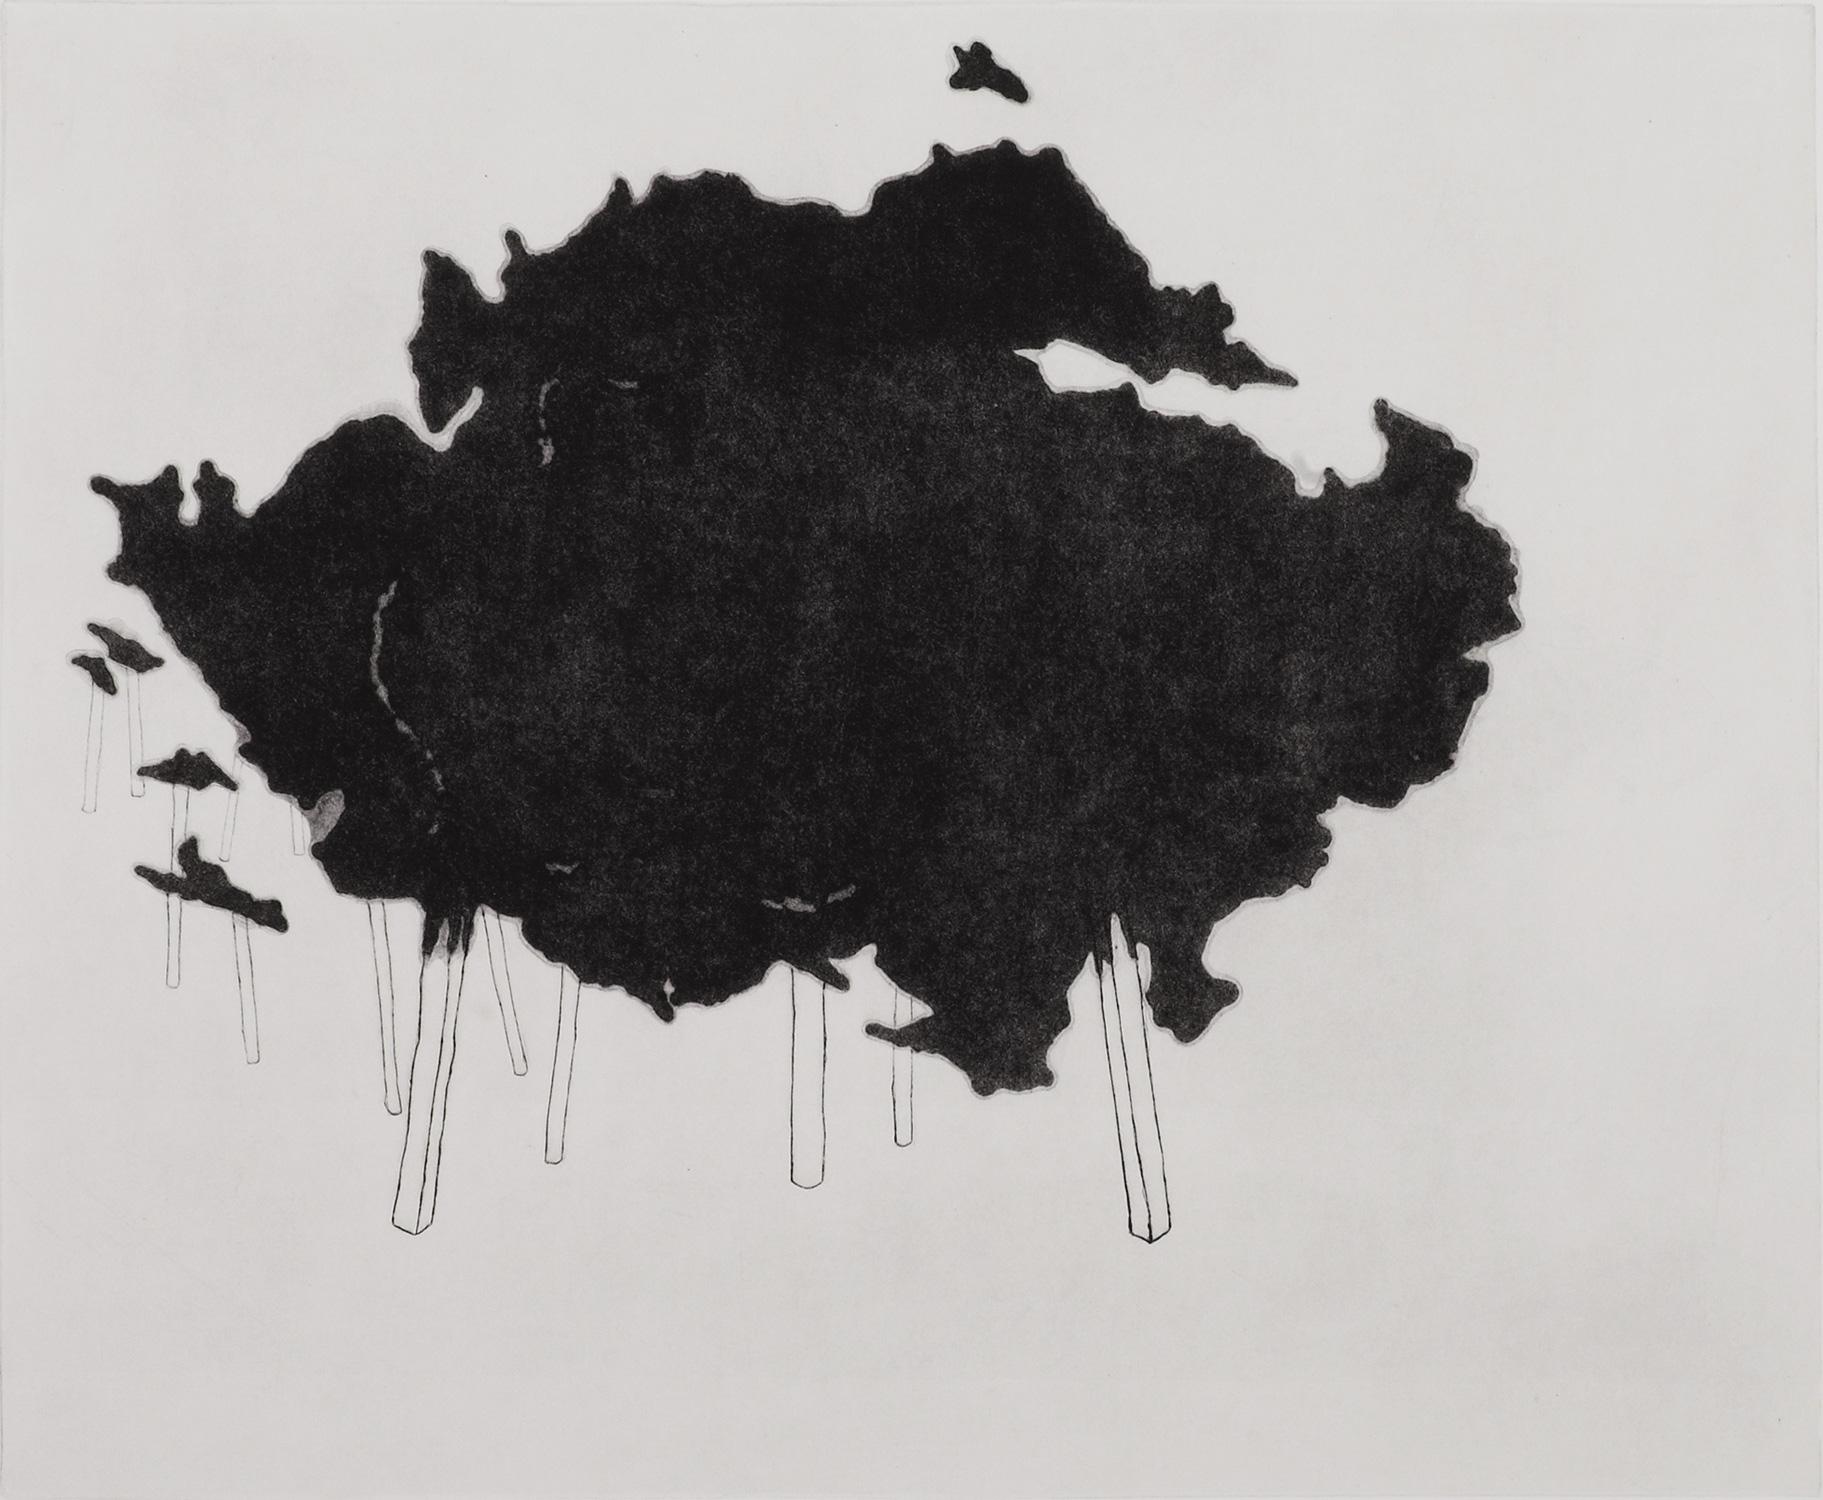 <i>Echasses de rêve</i>, 2009, 65x80cm